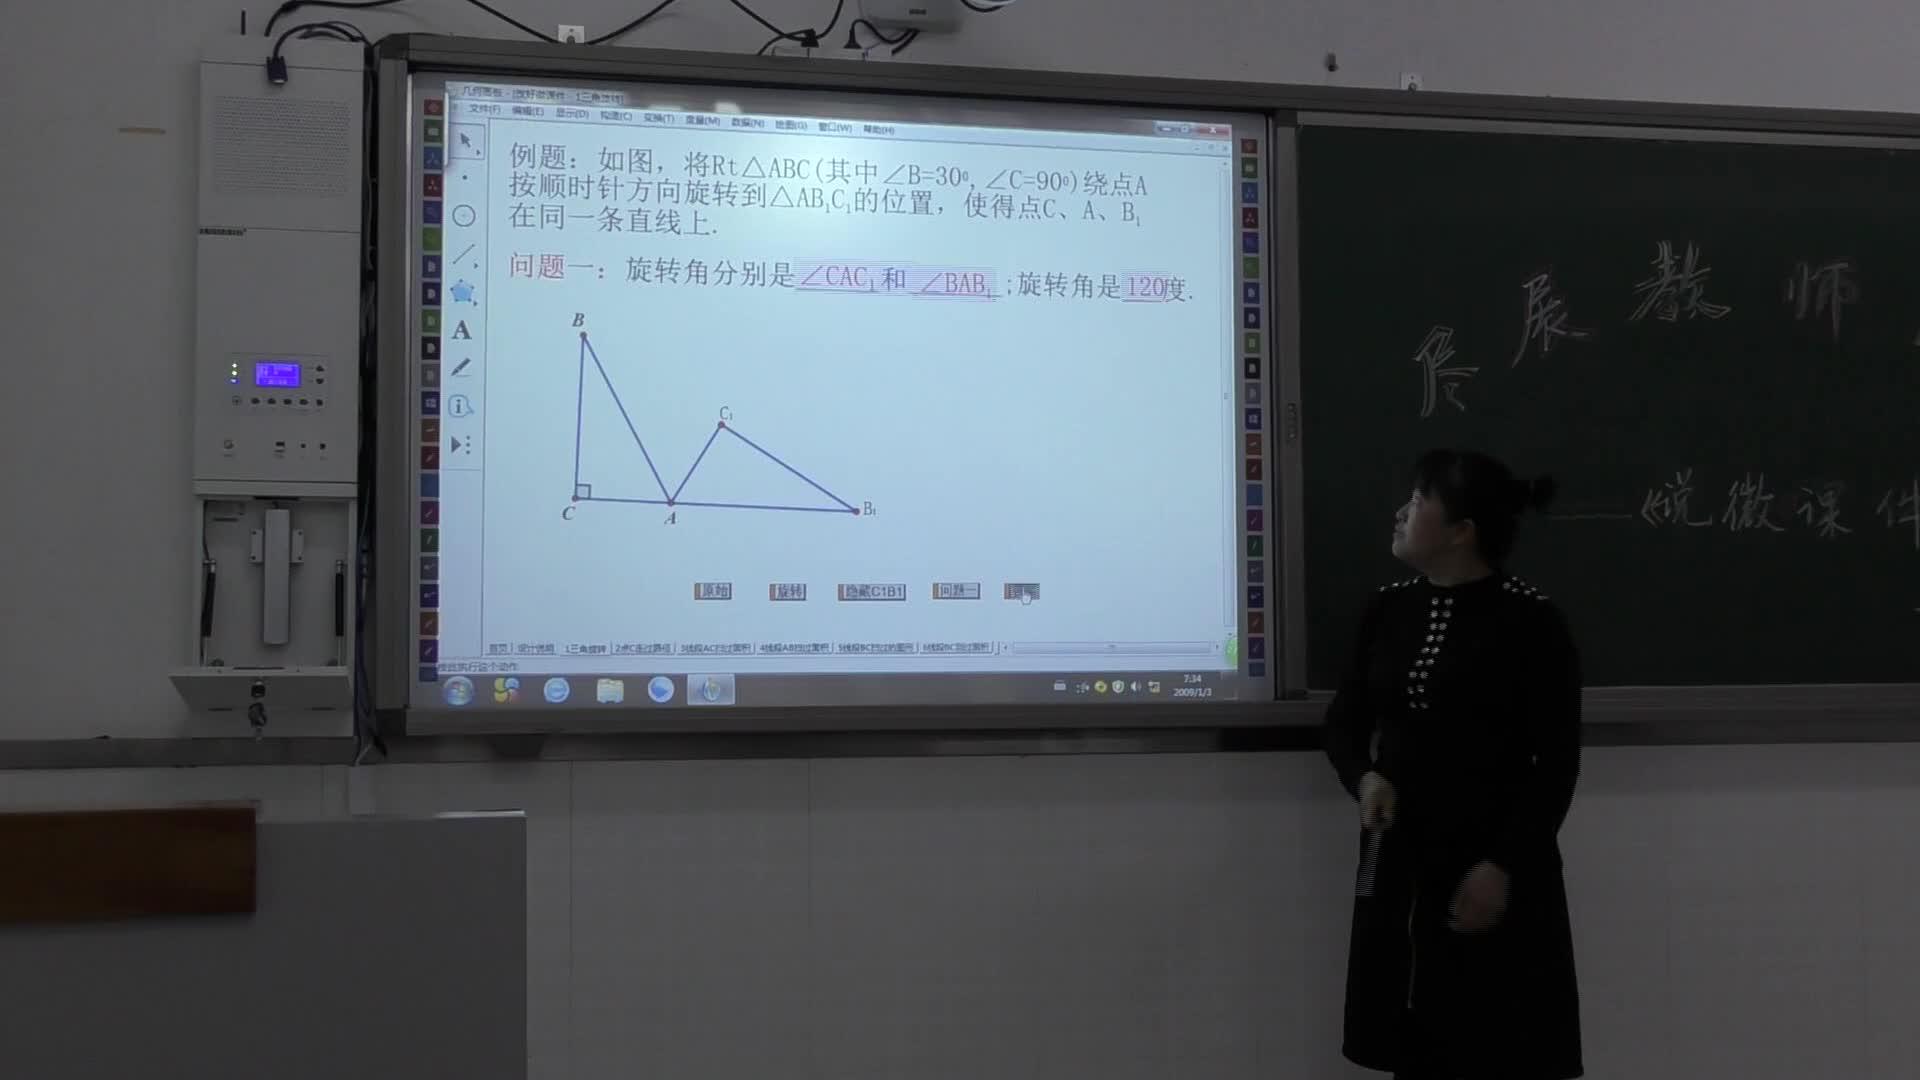 人教版 九年级数学上册 图形的旋转-视频说课 人教版 九年级数学上册 图形的旋转-视频说课 人教版 九年级数学上册 图形的旋转-视频说课 [来自e网通客户端]